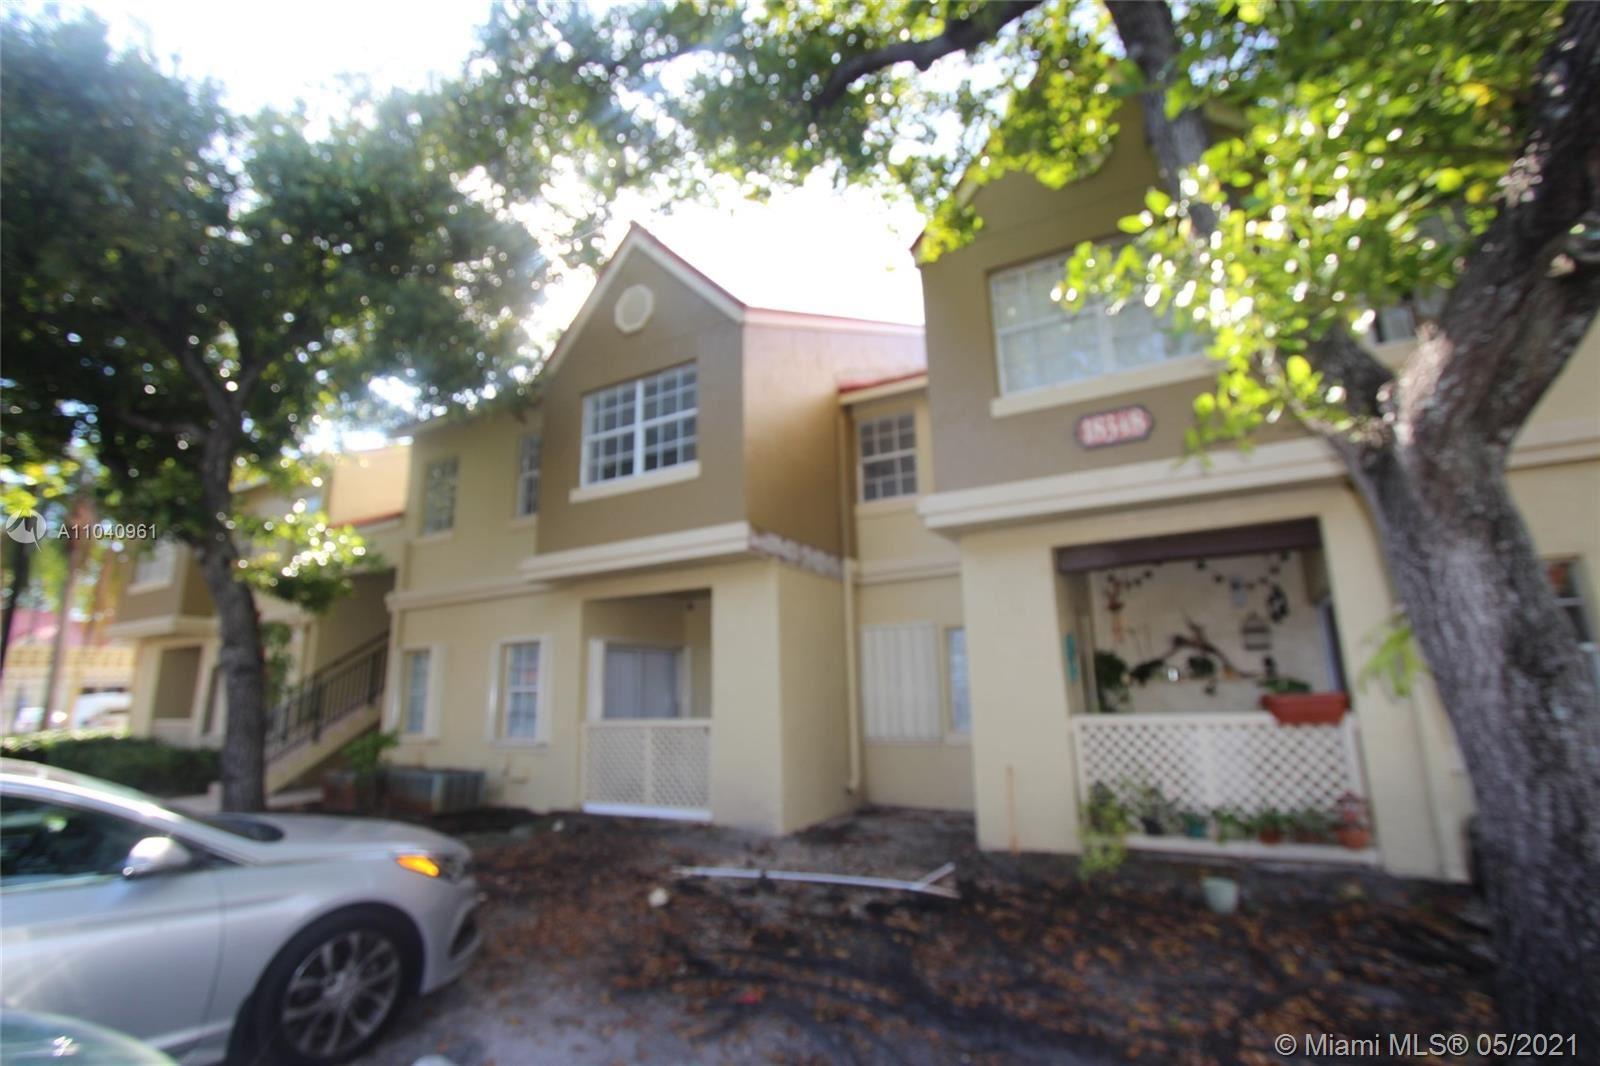 18348 NW 68th Ave #D, Hialeah, FL 33015 - #: A11040961